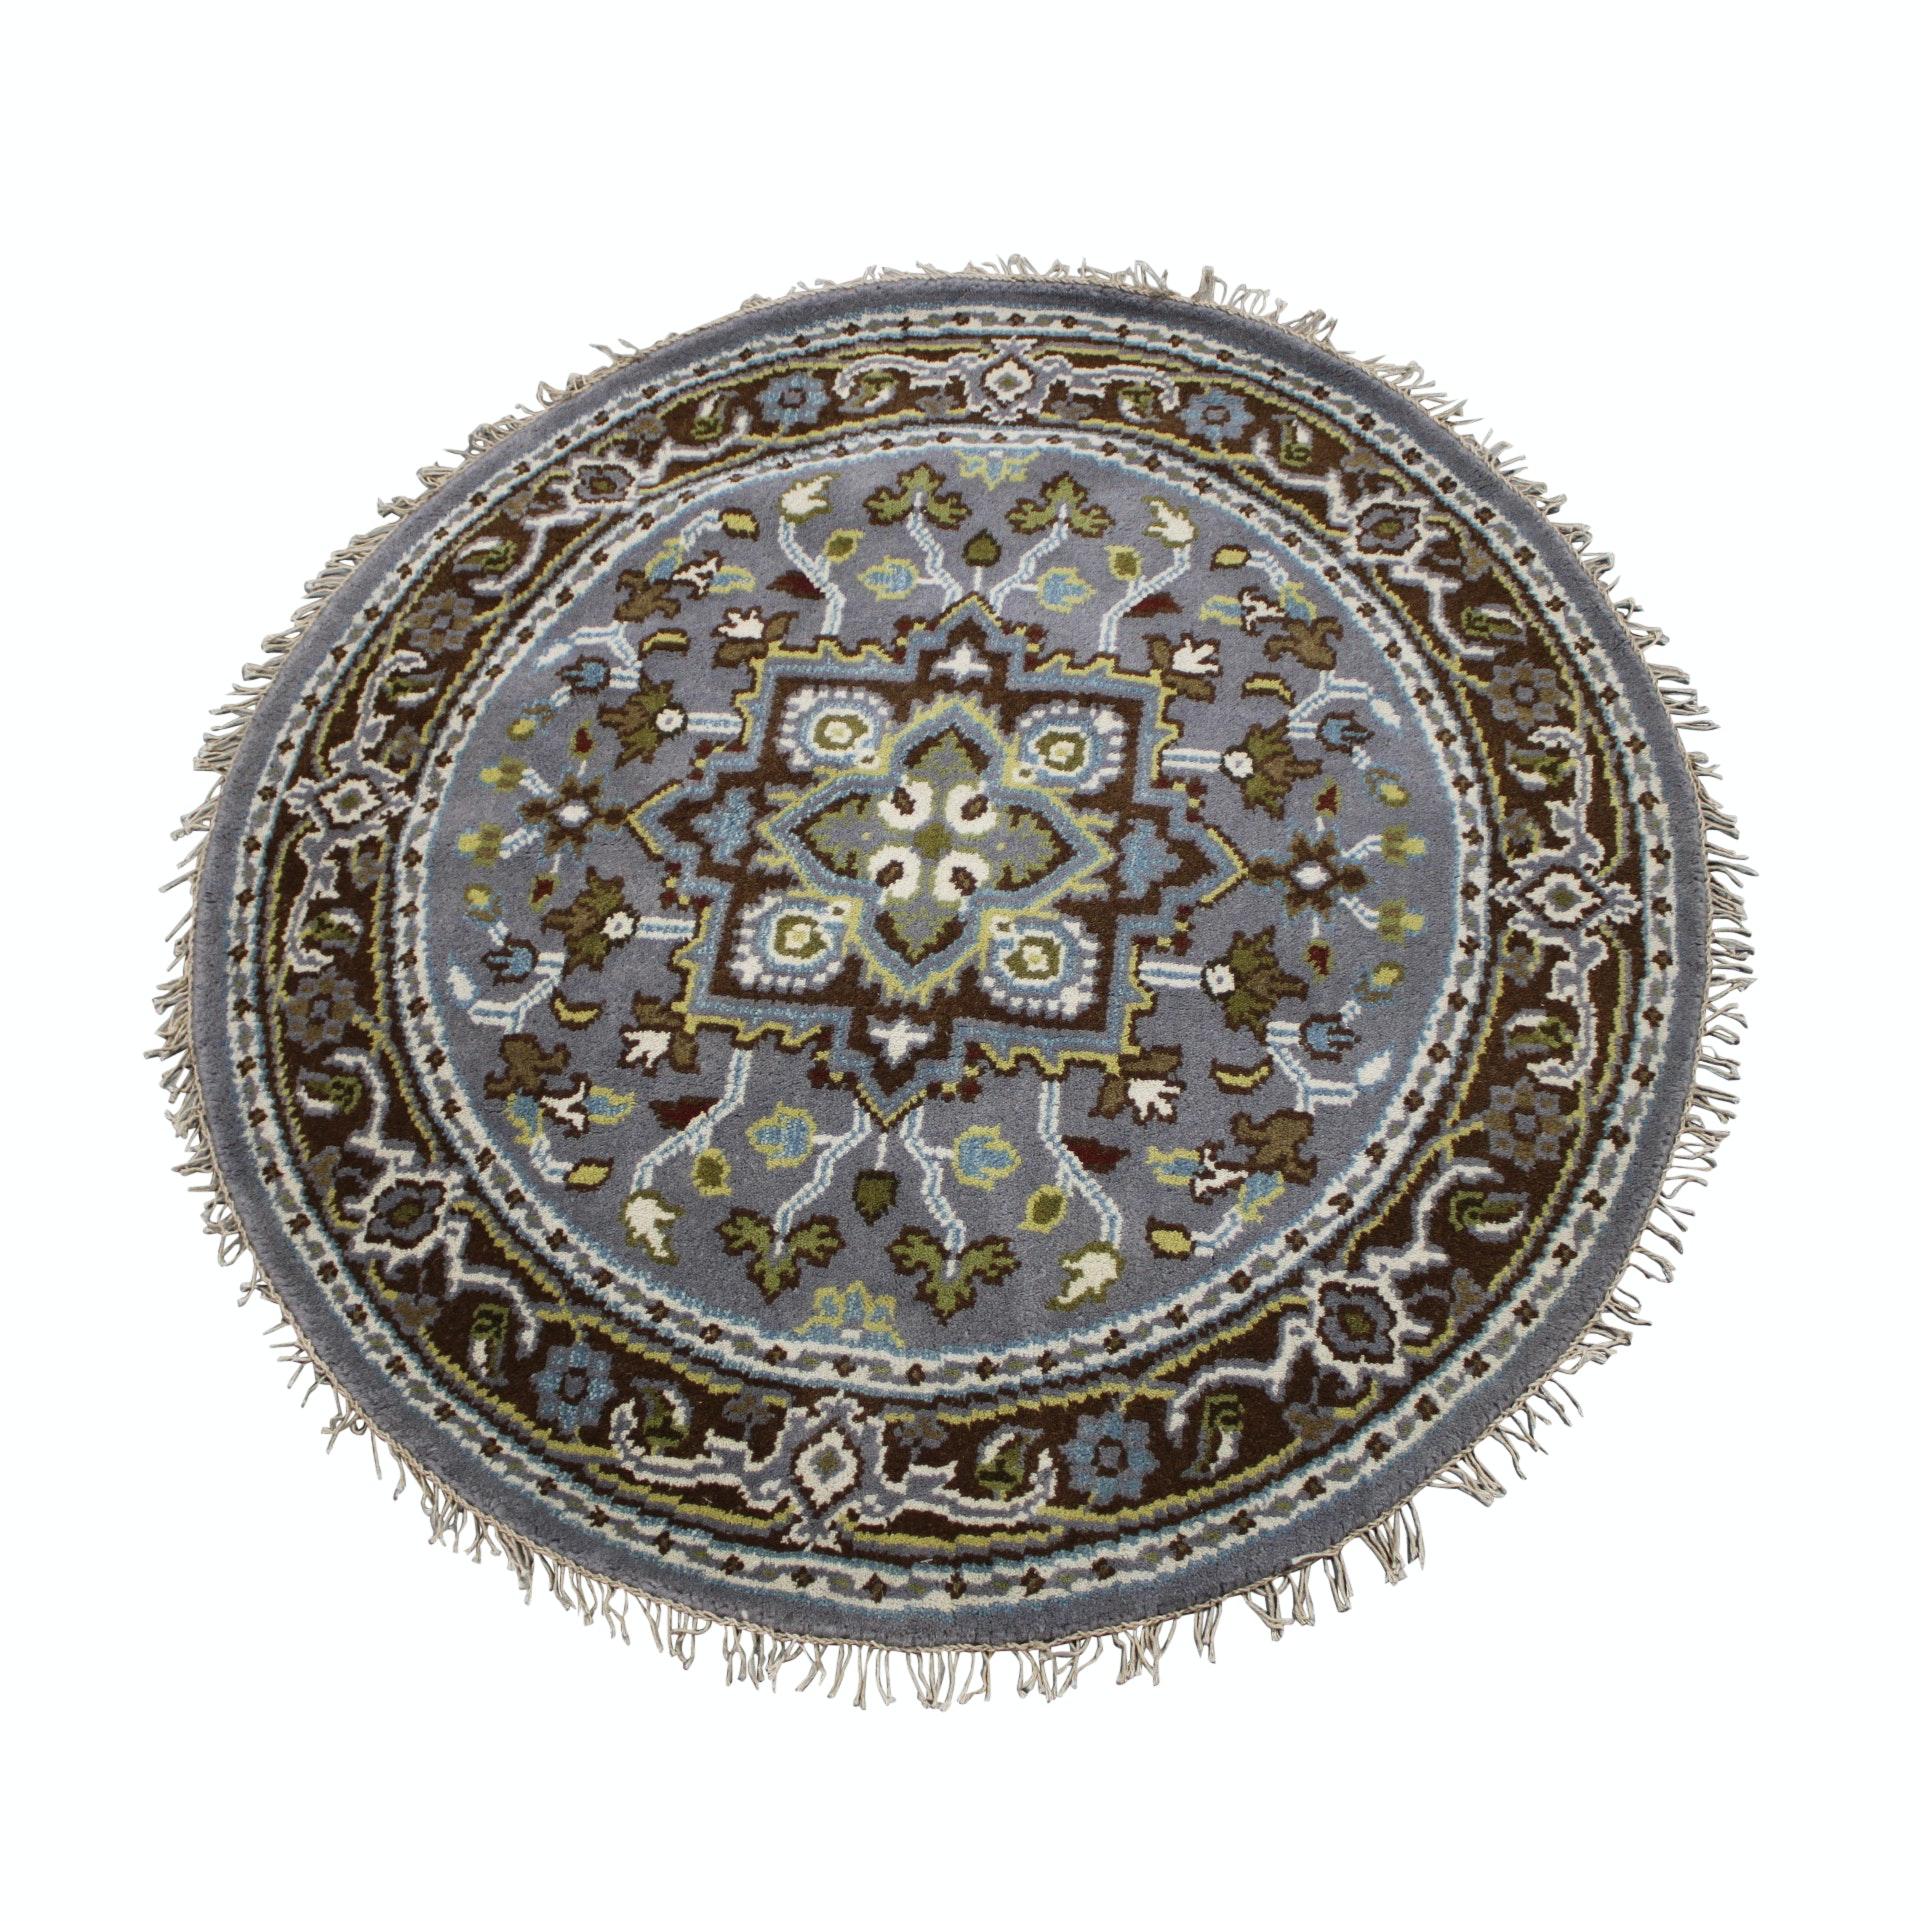 Hand-Knotted Persian Bakshaish Heriz Round Wool Area Rug